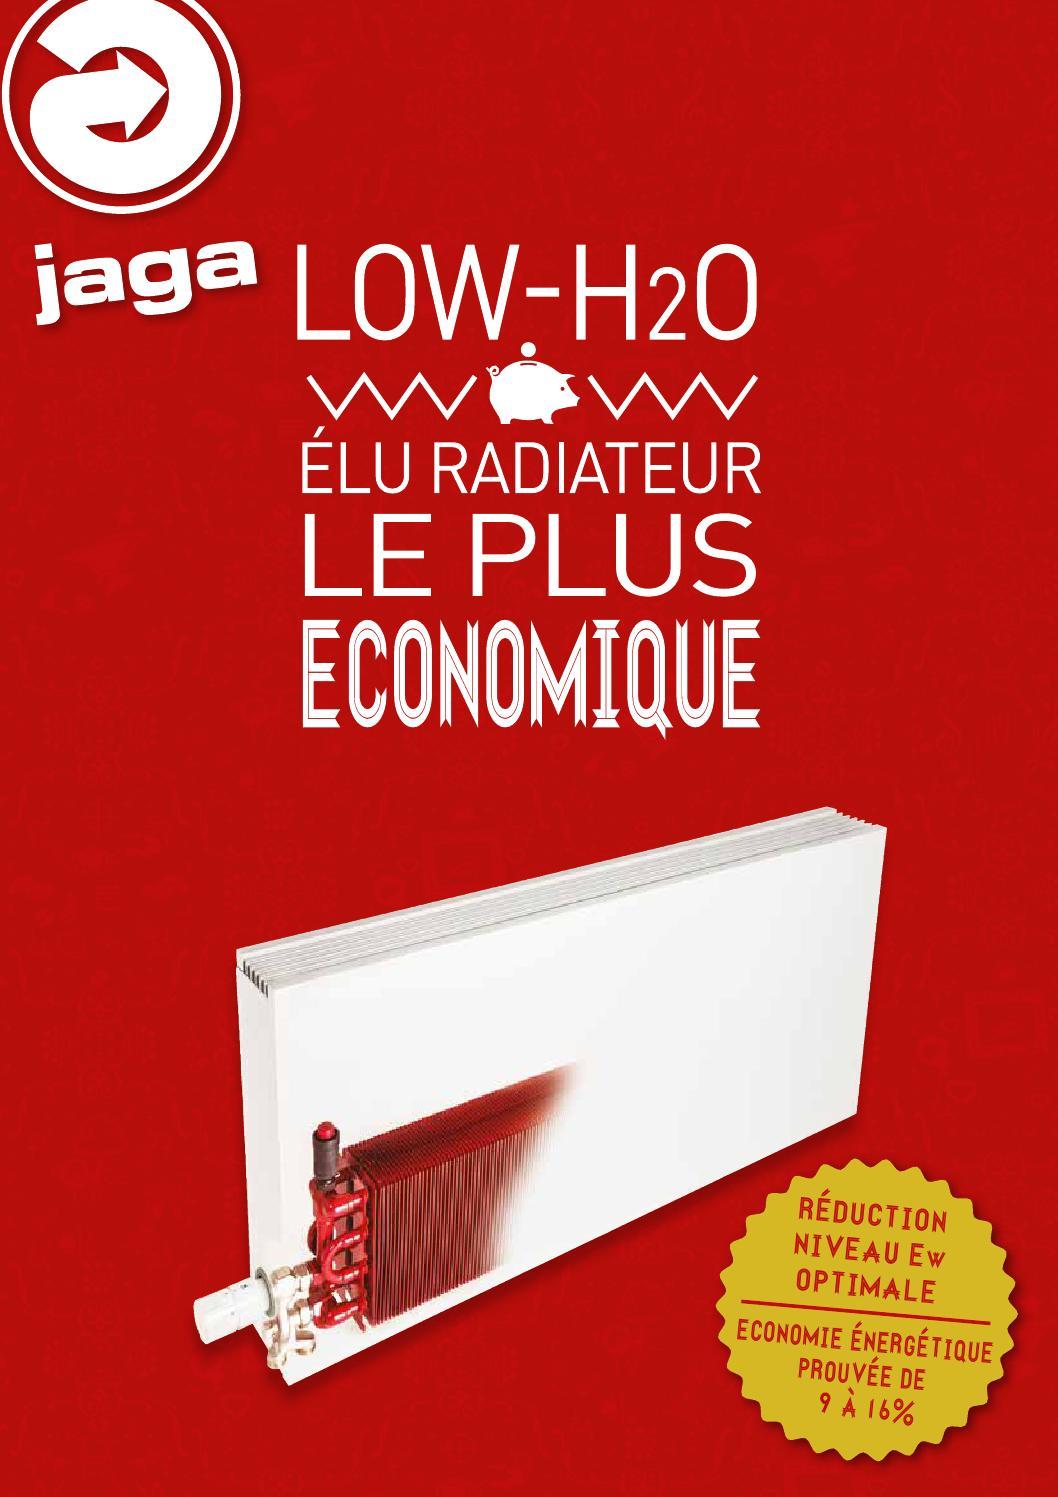 Jaga Low H2o Radiateur Le Plus Economique 2014 By Jaga